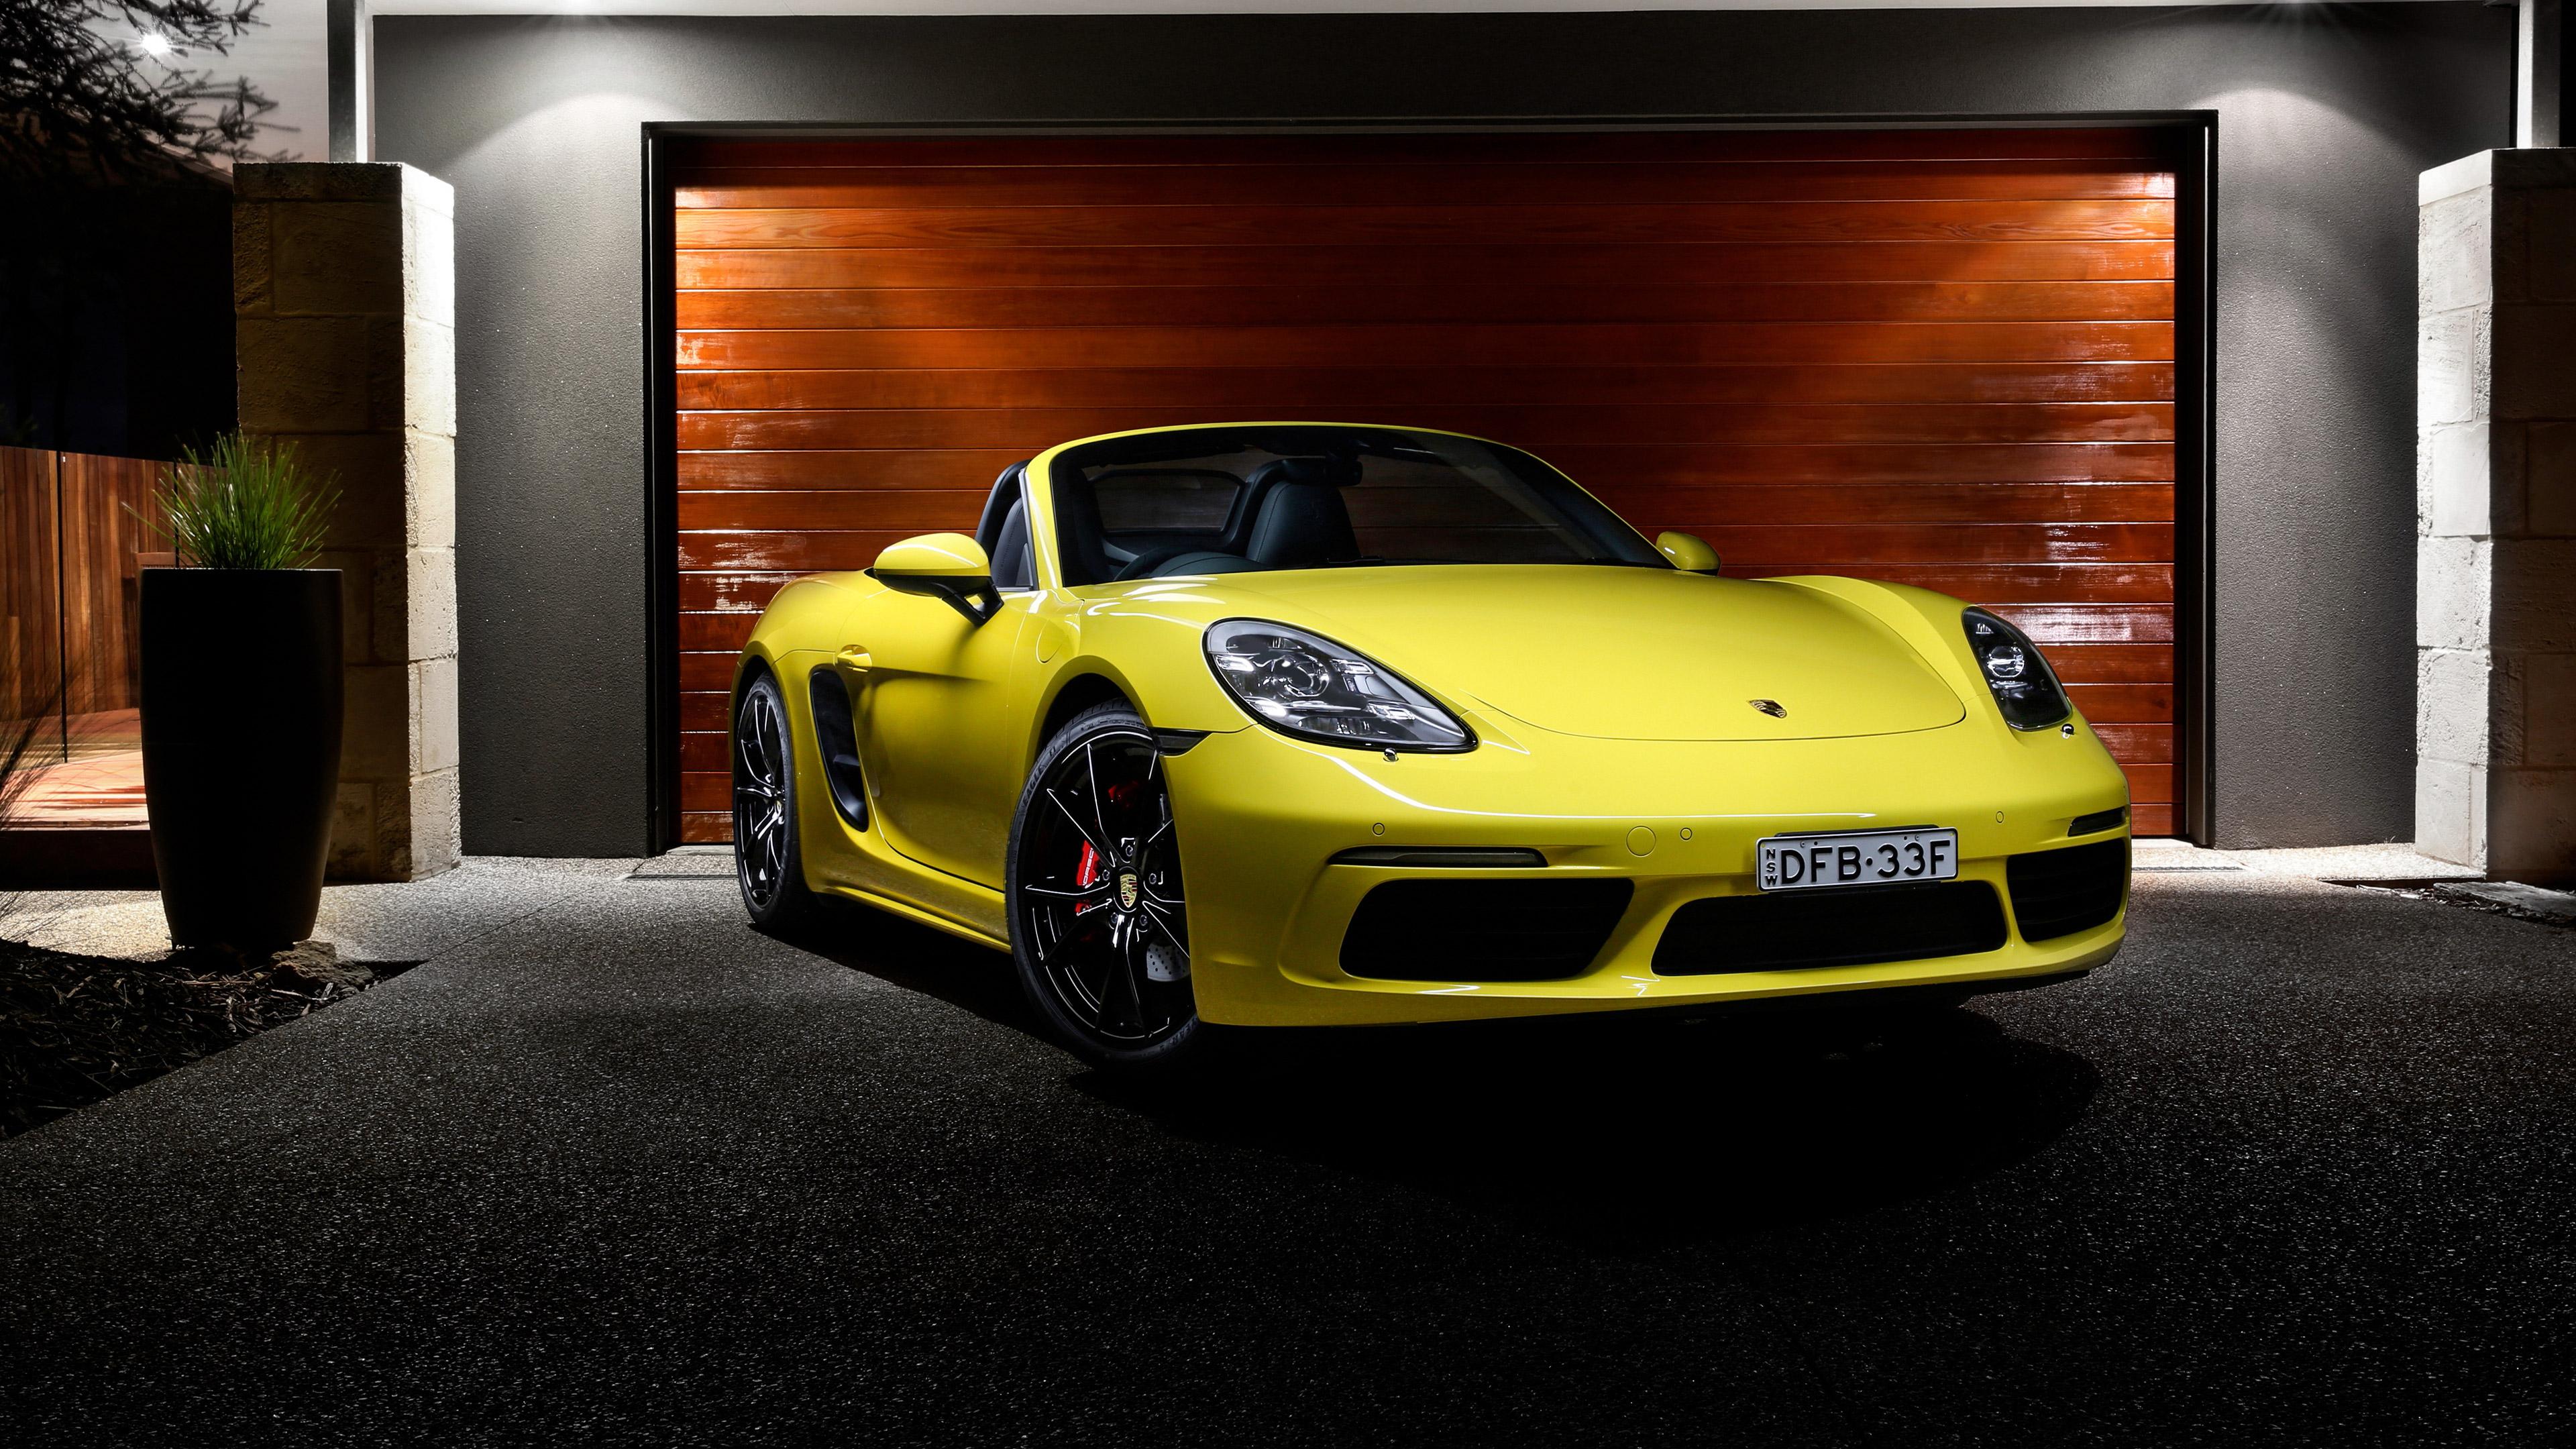 porsche 718 boxster 4k 1539104618 - Porsche 718 Boxster 4k - porsche wallpapers, porsche boxster wallpapers, cars wallpapers, 4k-wallpapers